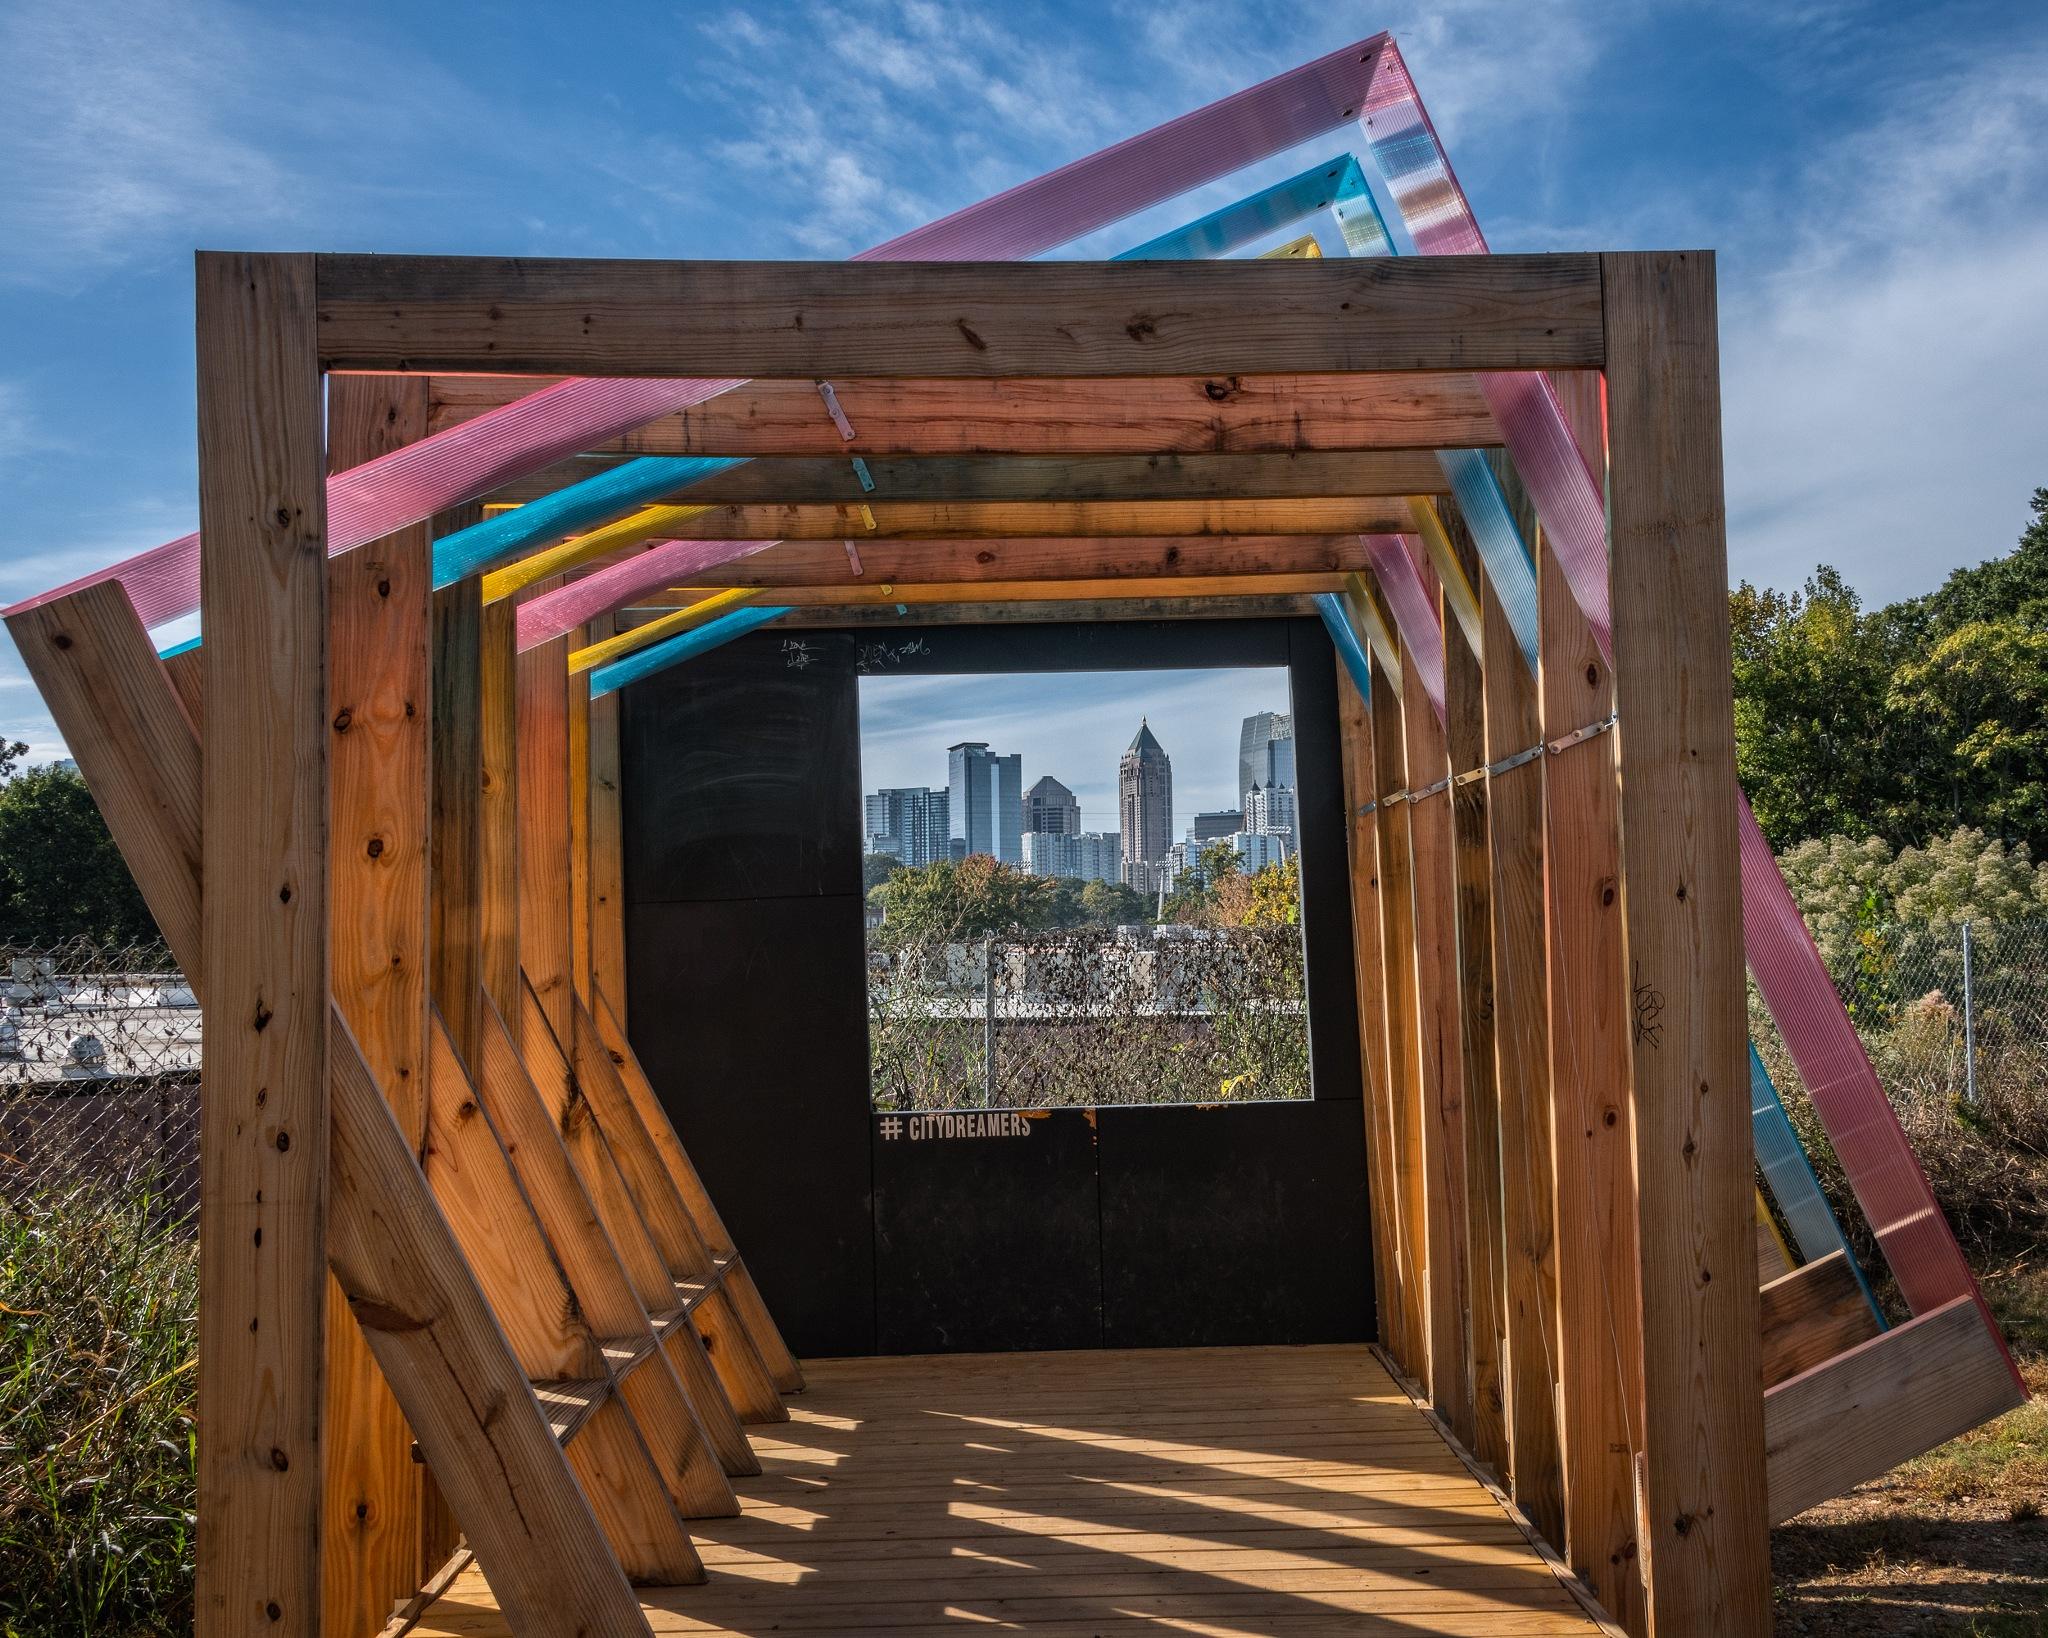 Midtown Atlanta by Steve Director